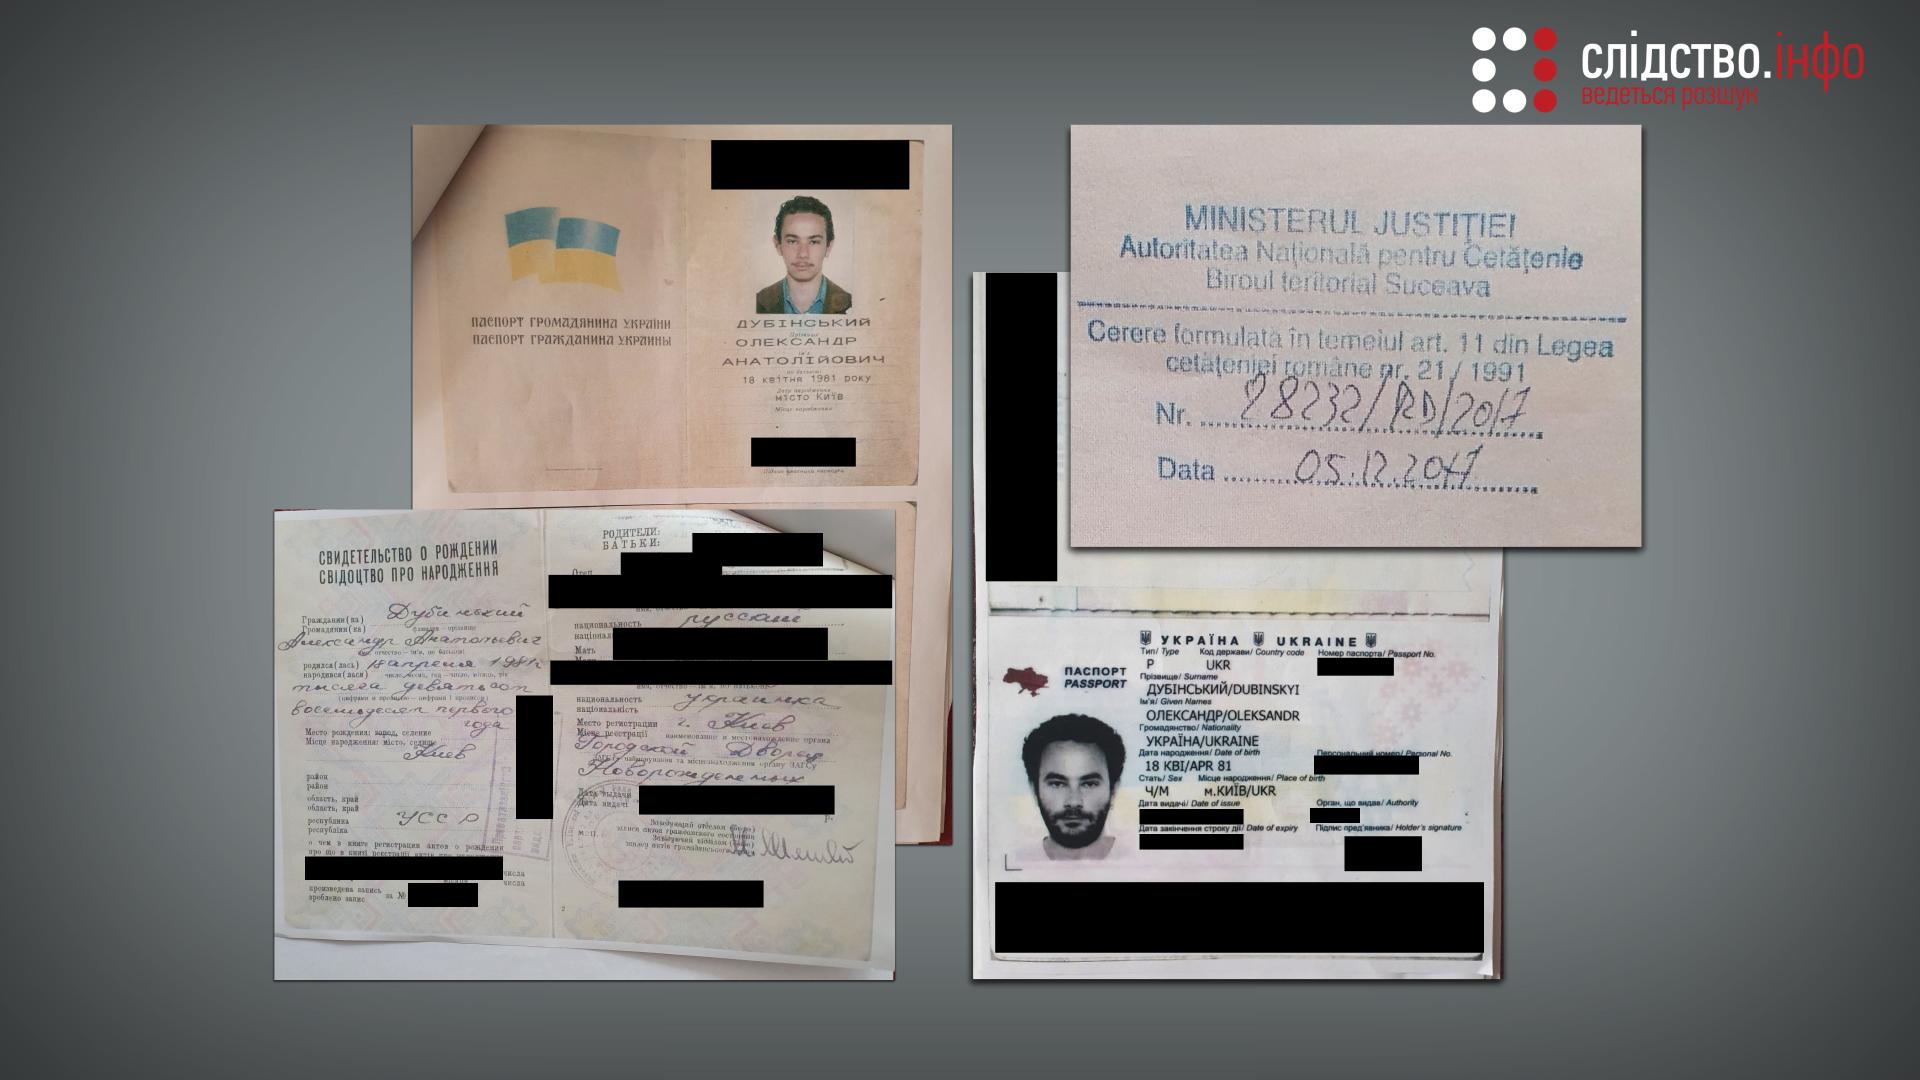 ЗМІ пишуть, що Дубінський намагався отримати паспорт ЄС. Він уникає відповіді